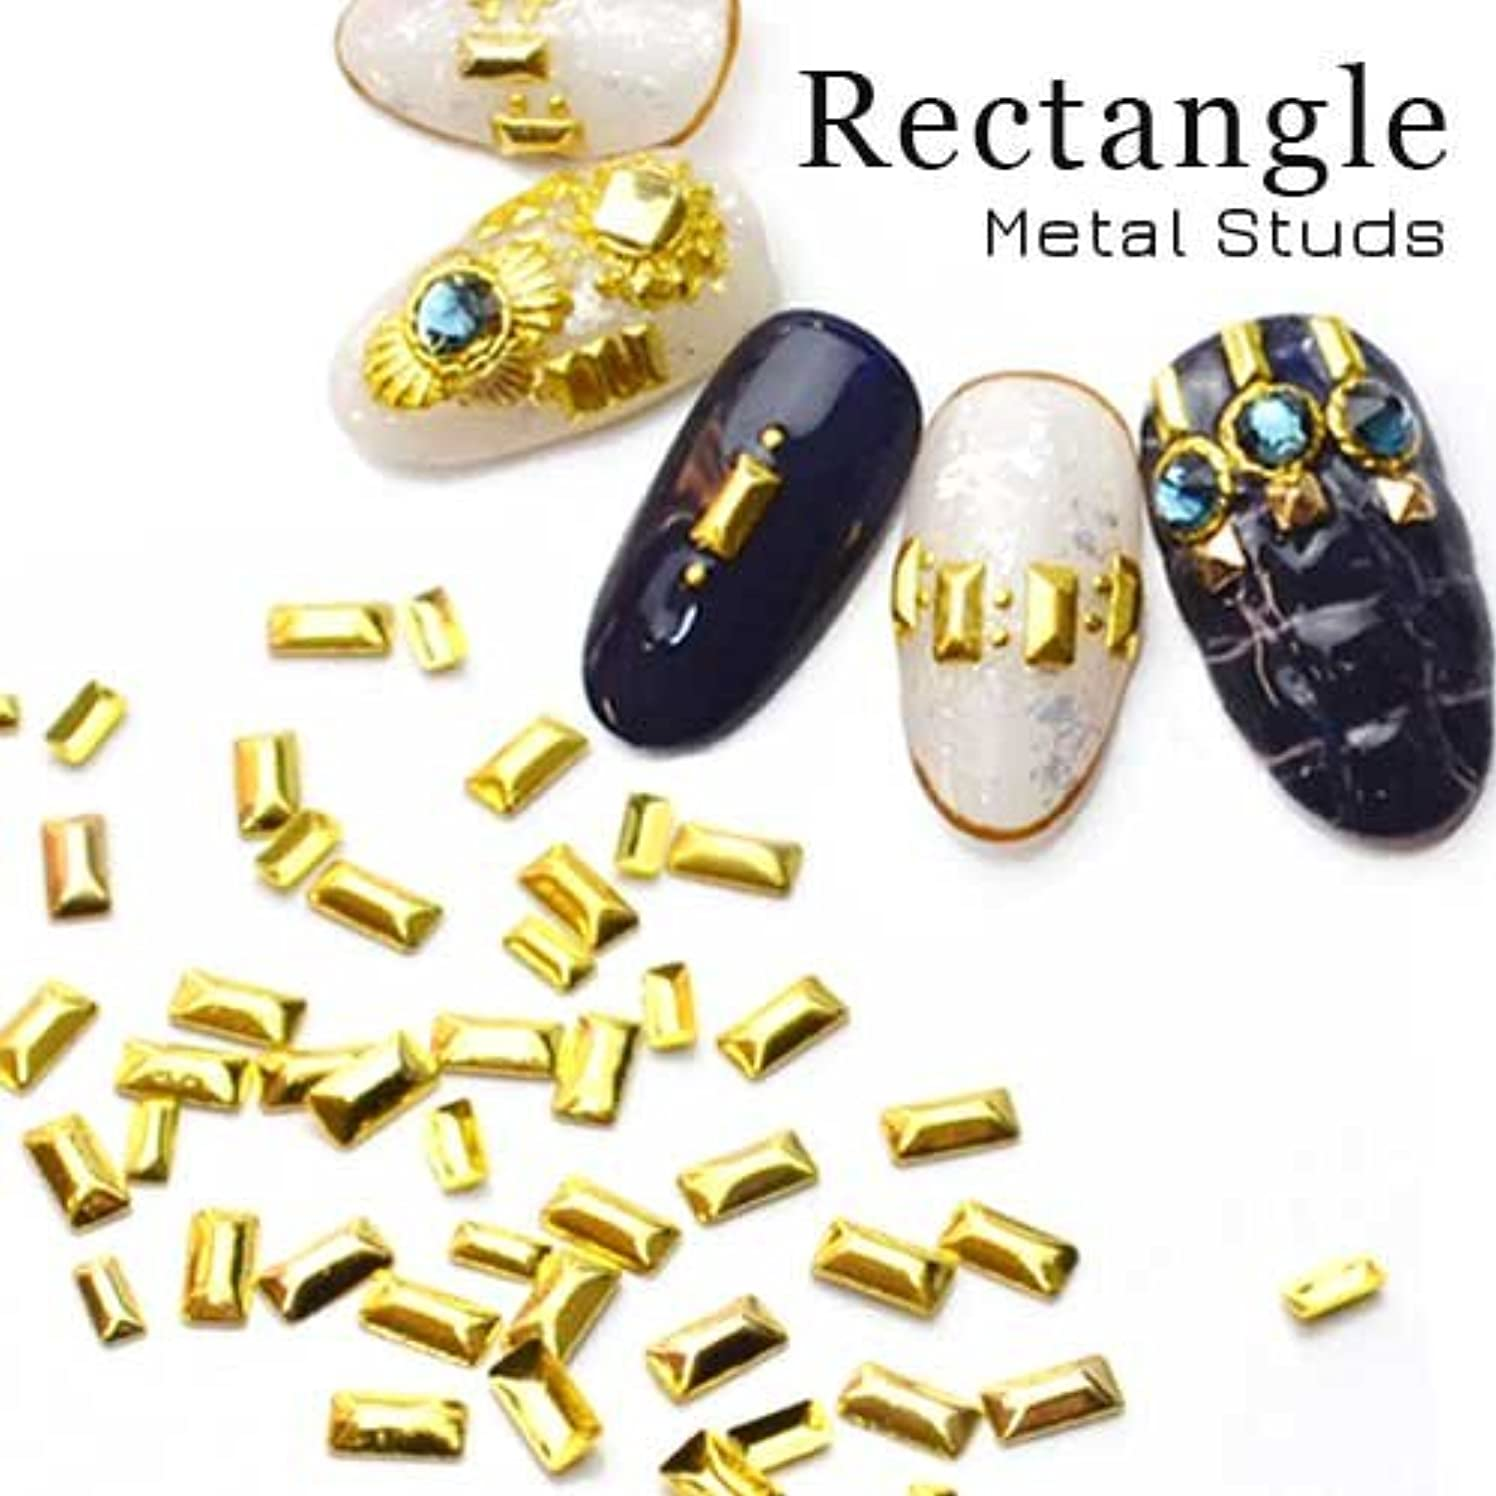 閉じ込めるエキゾチックメロンレクタングルメタルスタッズ[Sゴールド]約30粒入 ピラミッド メタルパーツ ジェルネイル